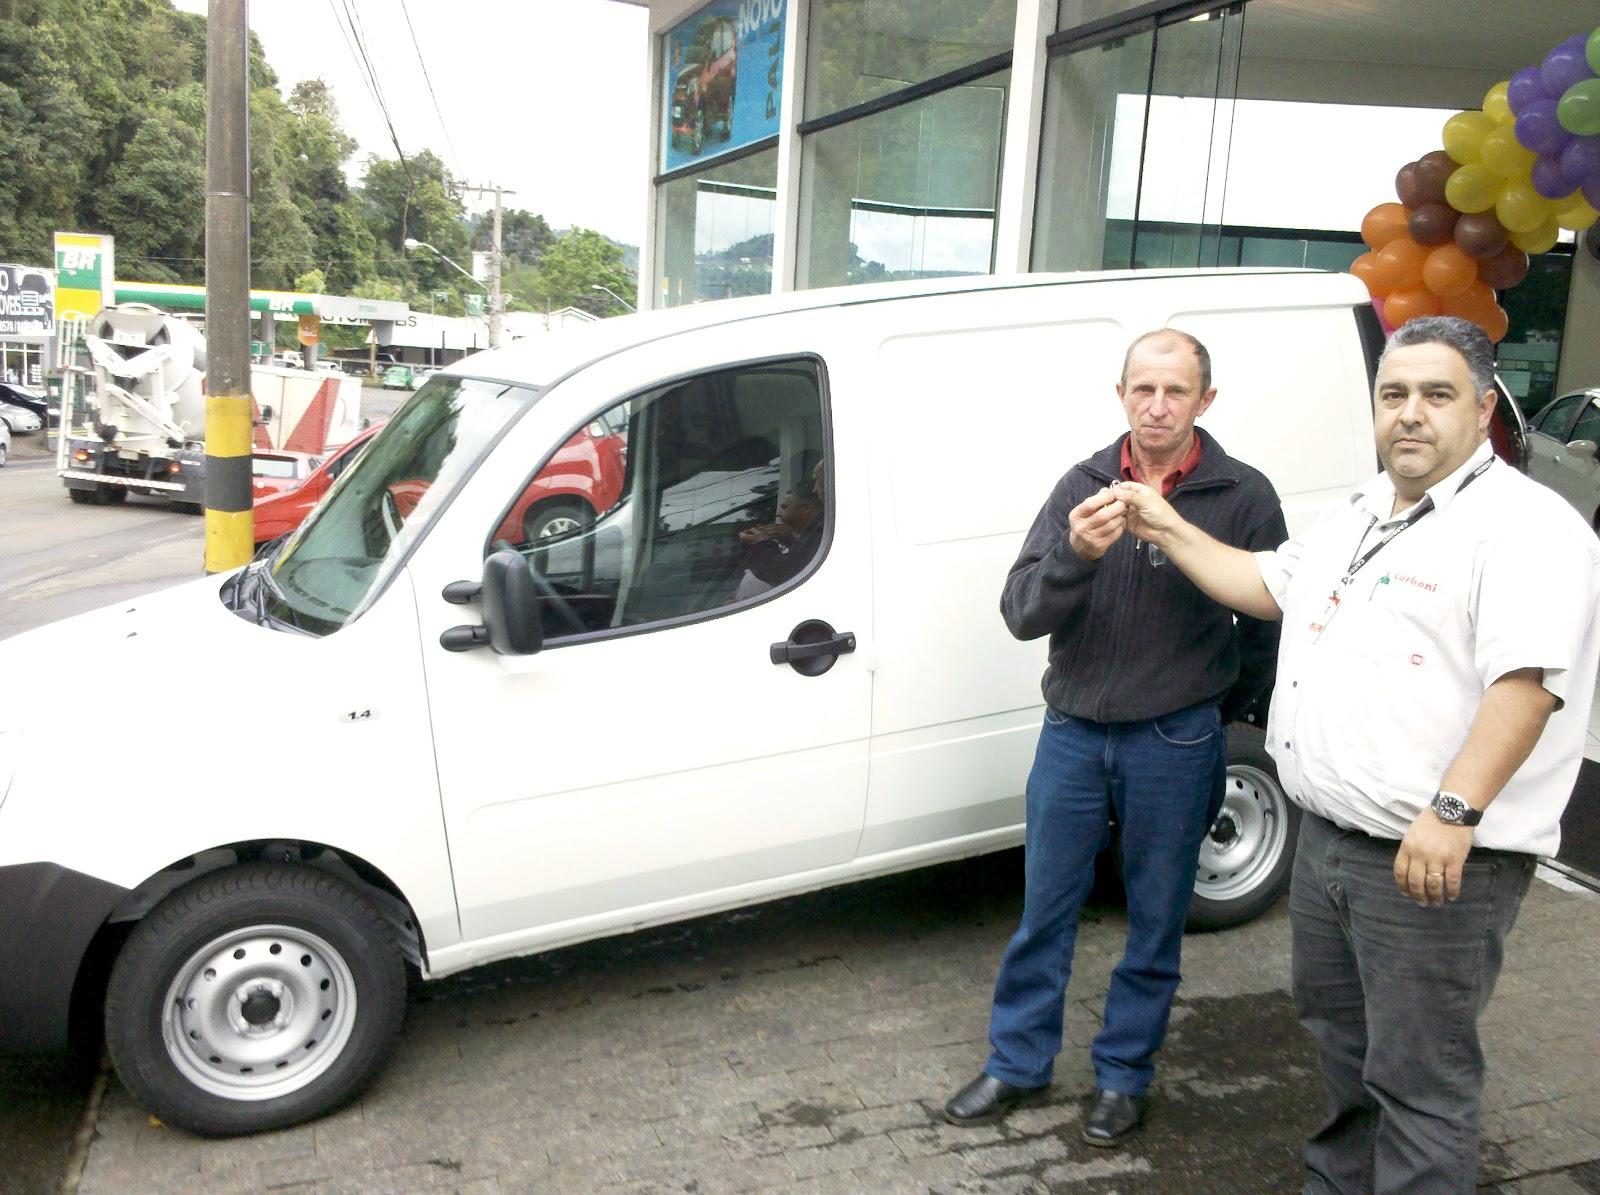 Entrega de Fiat Doblò pelo Programa Mais Alimentos 2012 10 11 16 58 39 452